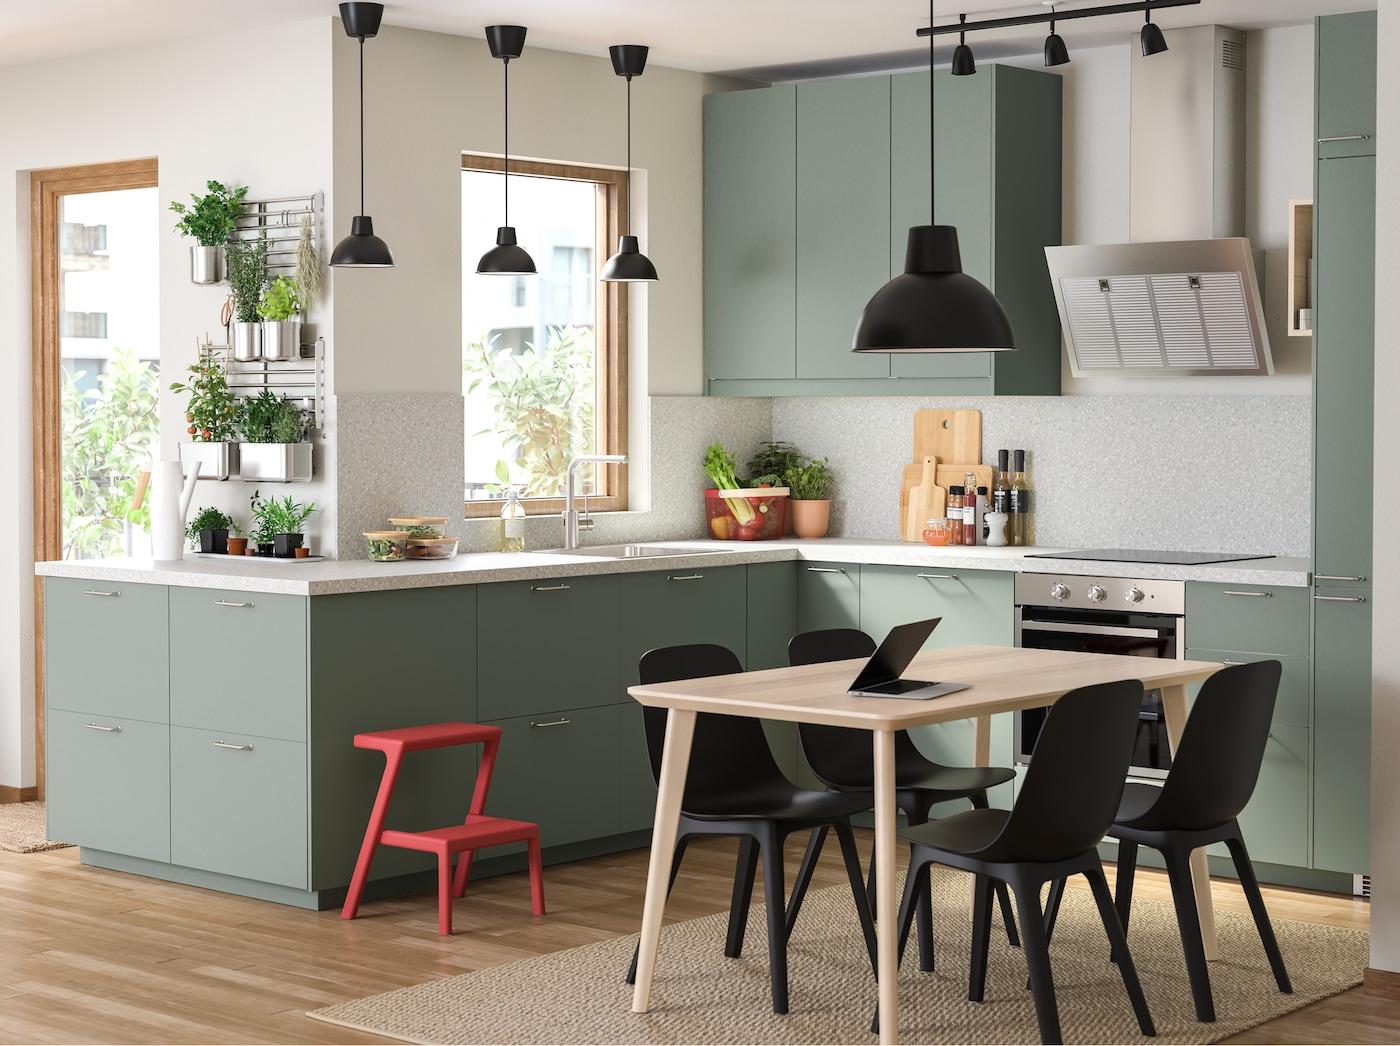 Full Size of Inselküche Ikea Betten 160x200 Modulküche Küche Kaufen Miniküche Sofa Mit Schlaffunktion Bei Abverkauf Kosten Wohnzimmer Inselküche Ikea